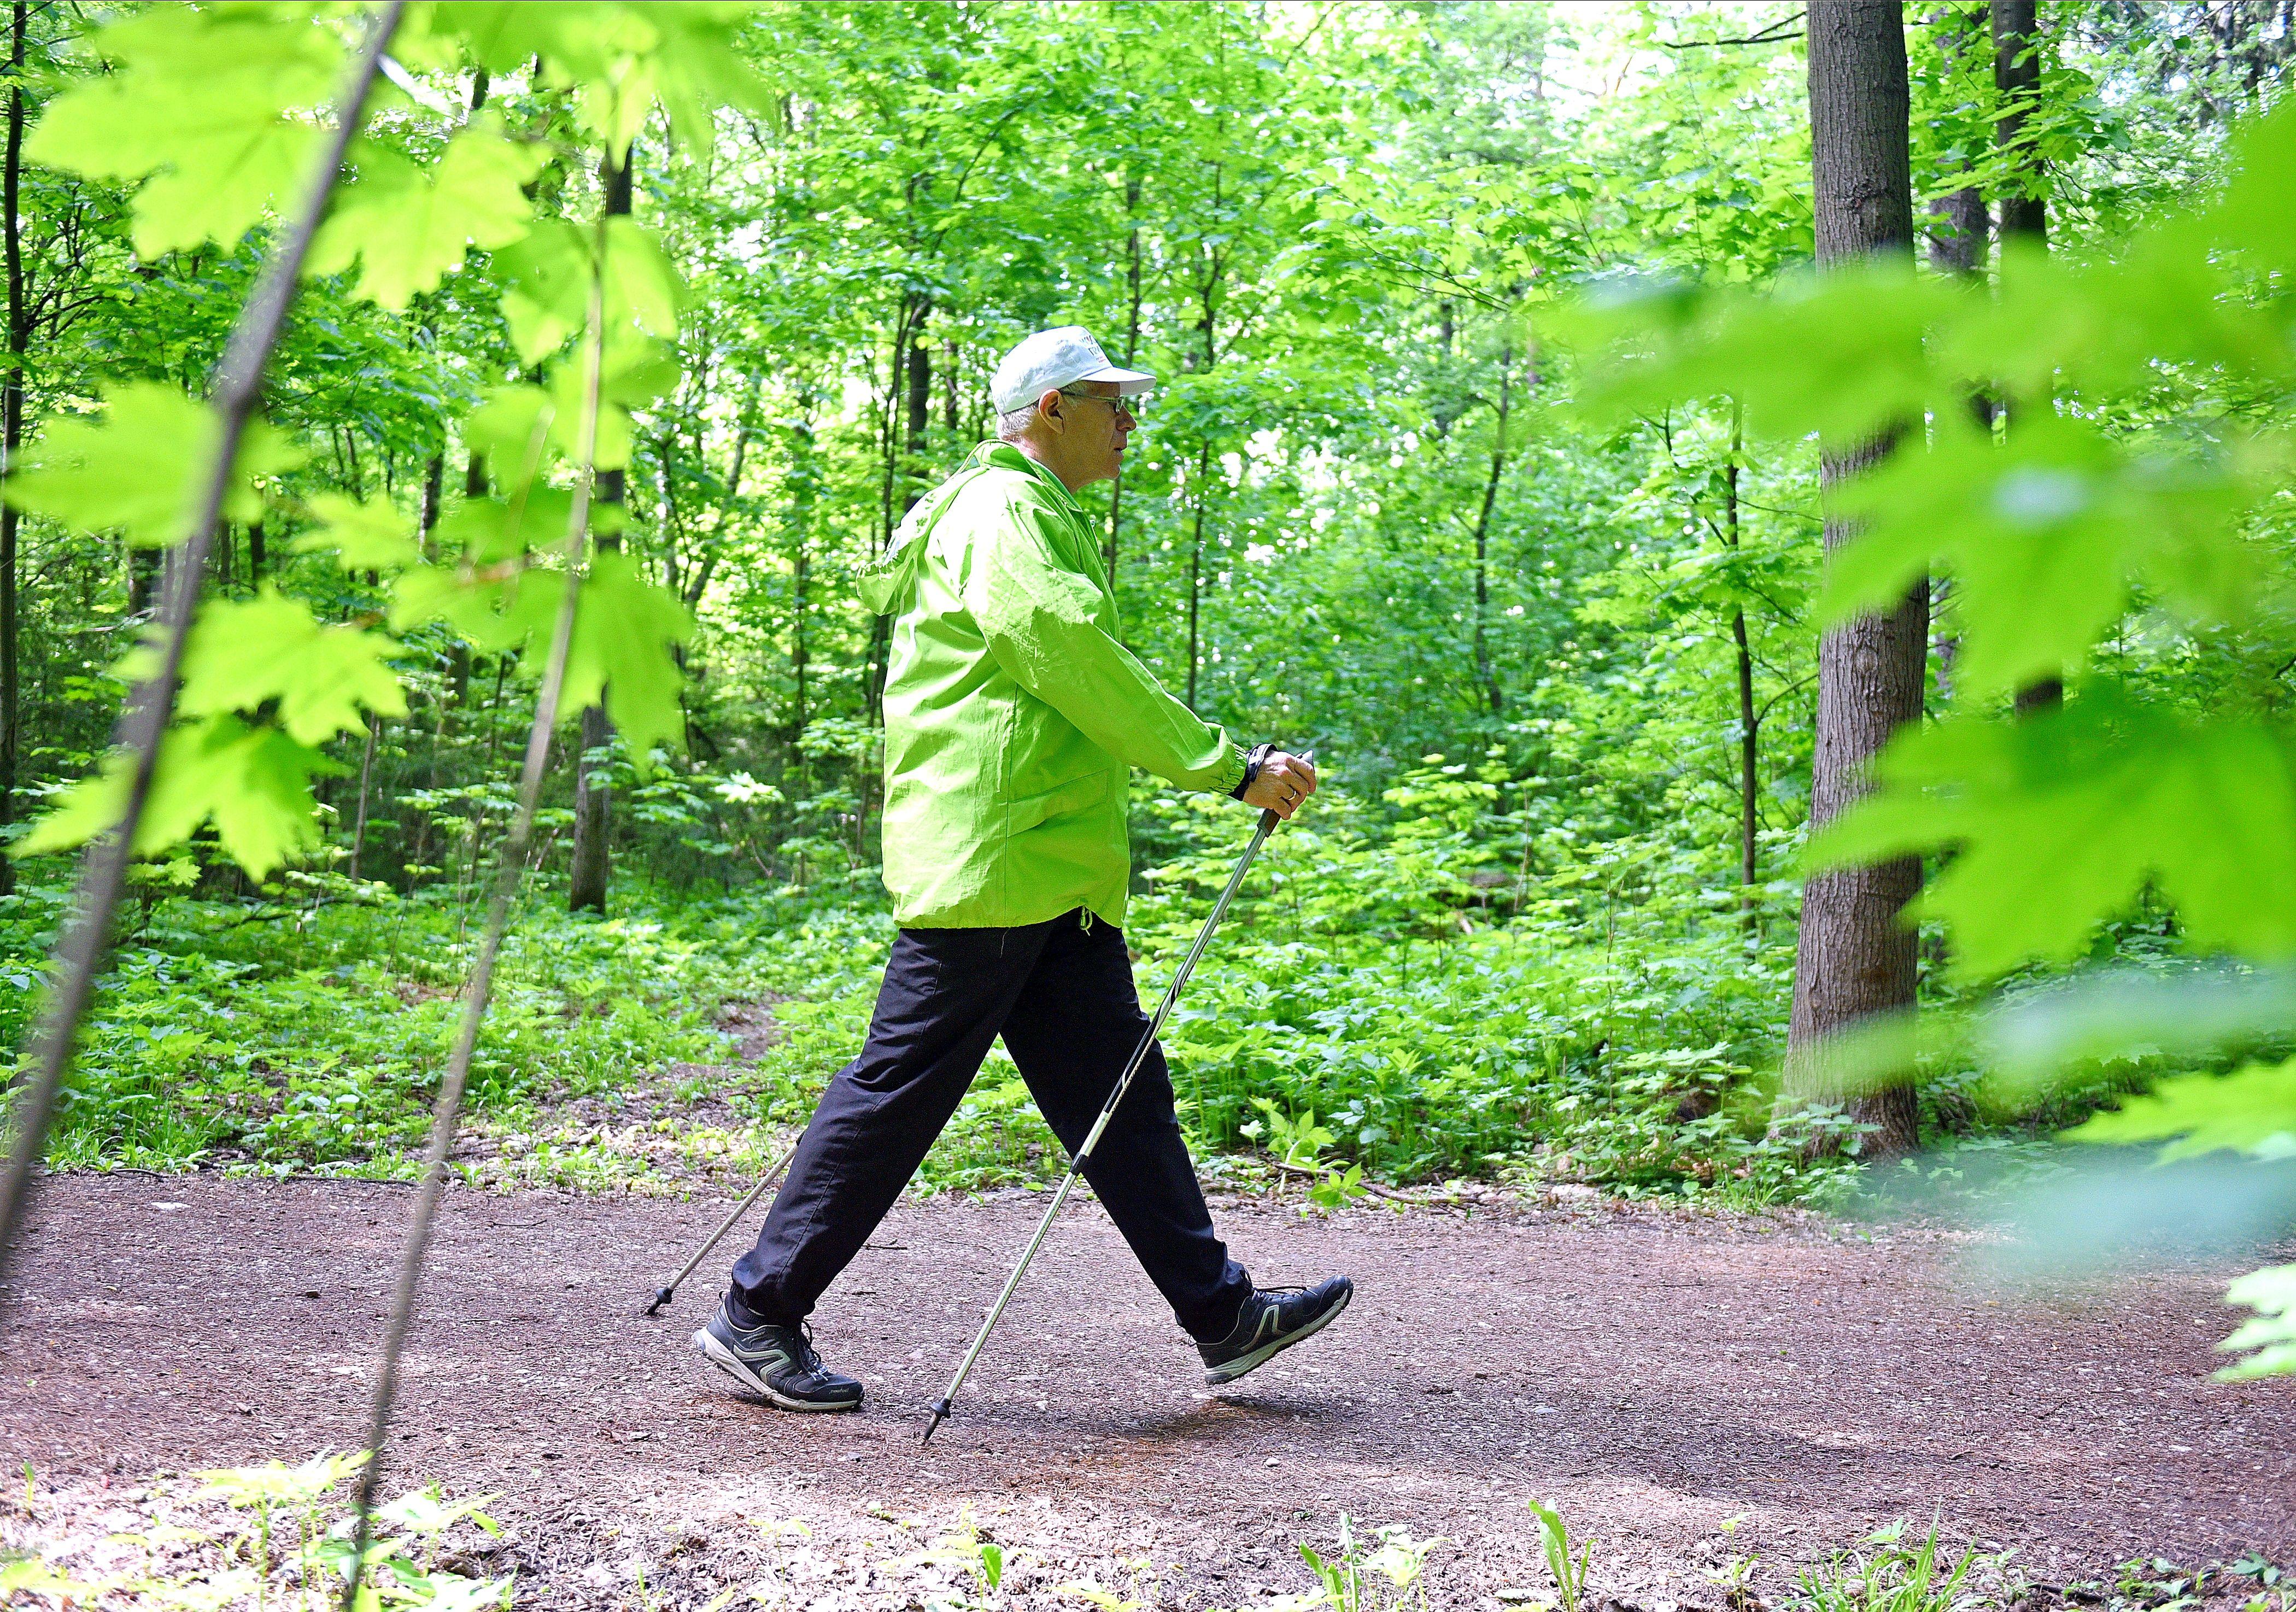 Депутат Мосгордумы Титов: После санитарной вырубки в Зеленограде появится молодой лес